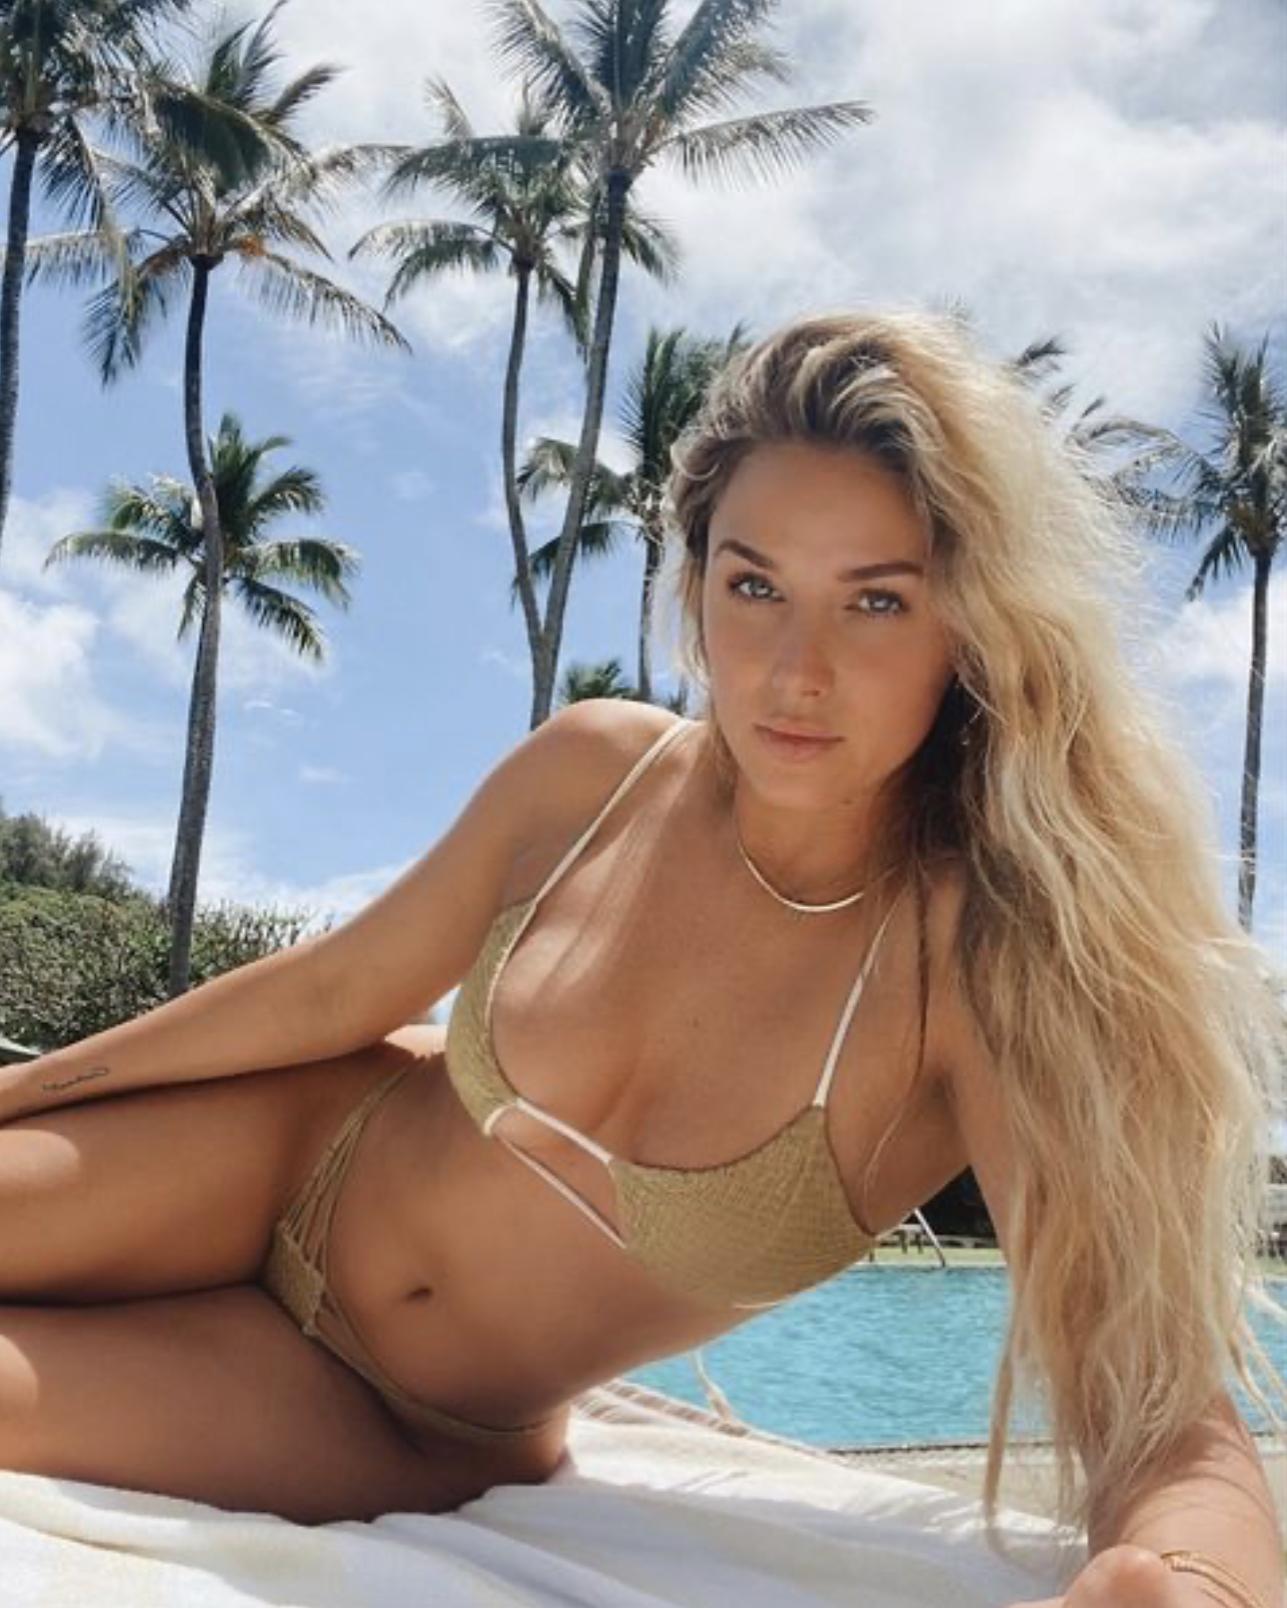 Даниэлла Грейс — модель, которую Кариус упустил также легко, как и мяч после удара Бэйла! В 2016-м встречалась с Роналду